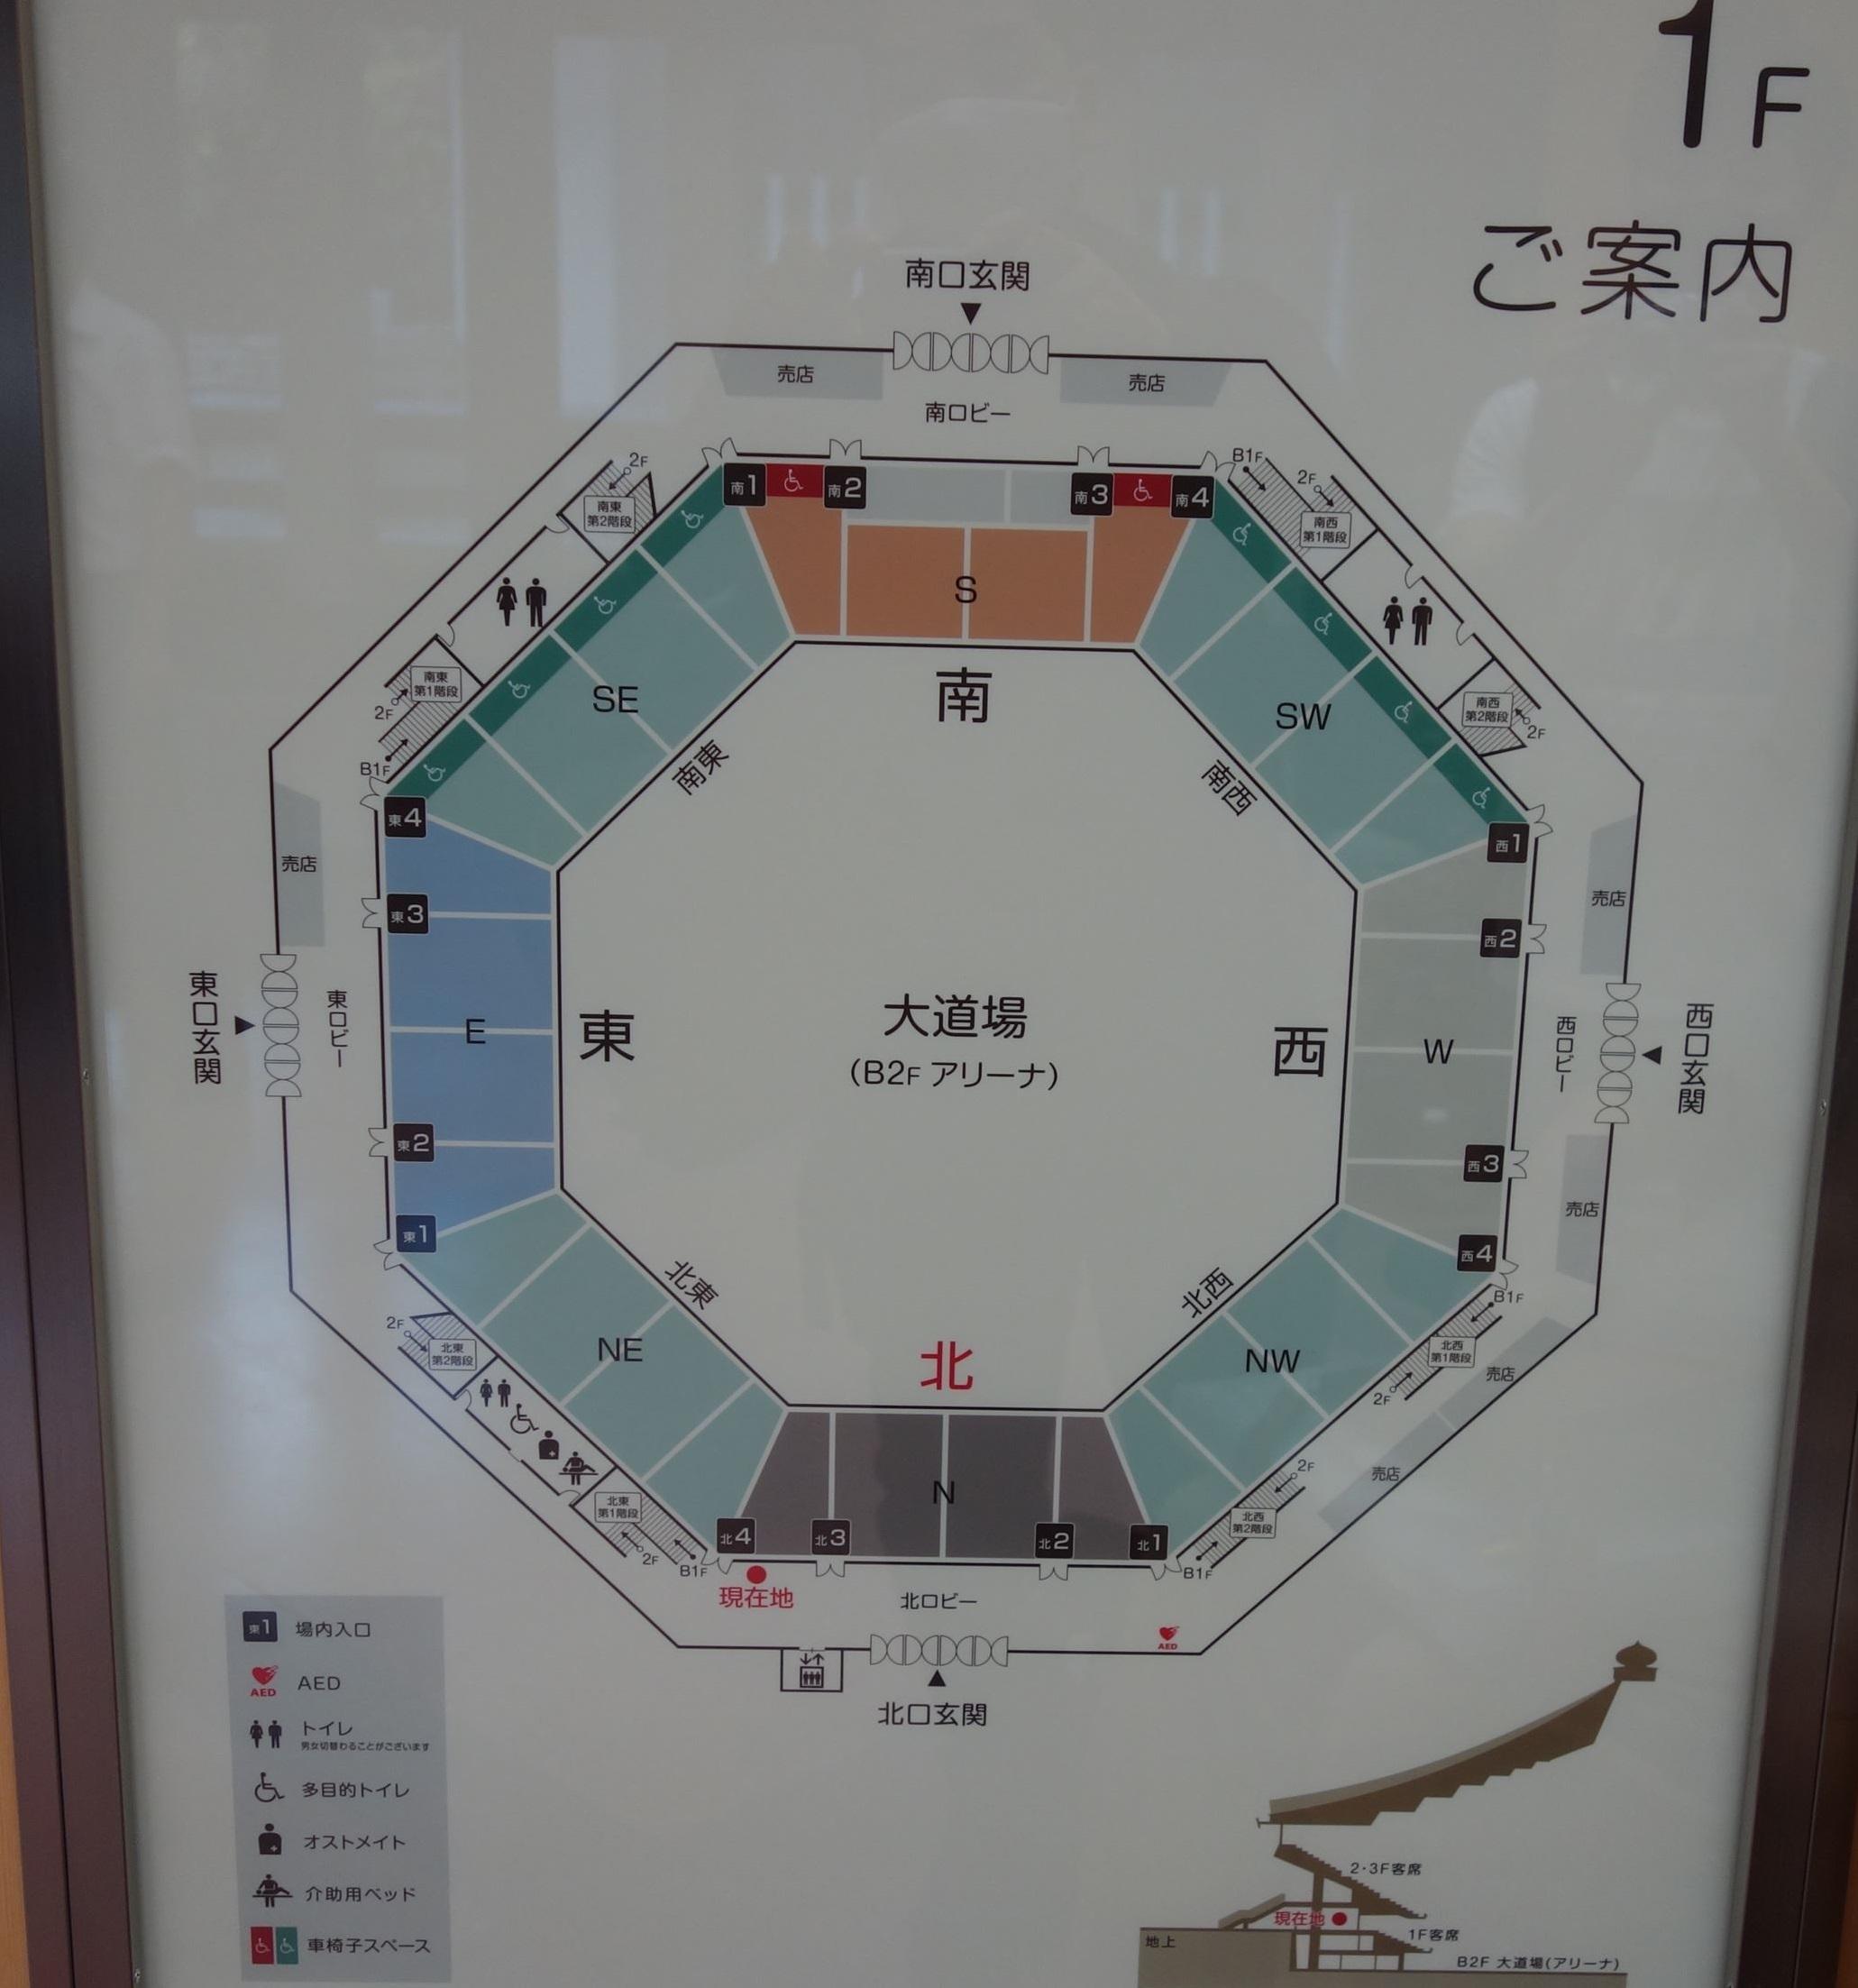 1階の席図です。写真上の南東(SE)、南、南西(SW)に車椅子マークがあり、そこが全部車椅子用席です。コンサートの場合は、ステージは写真下の北という文字のあたりになりますので、車椅子用席は正面で非常に見やすいです